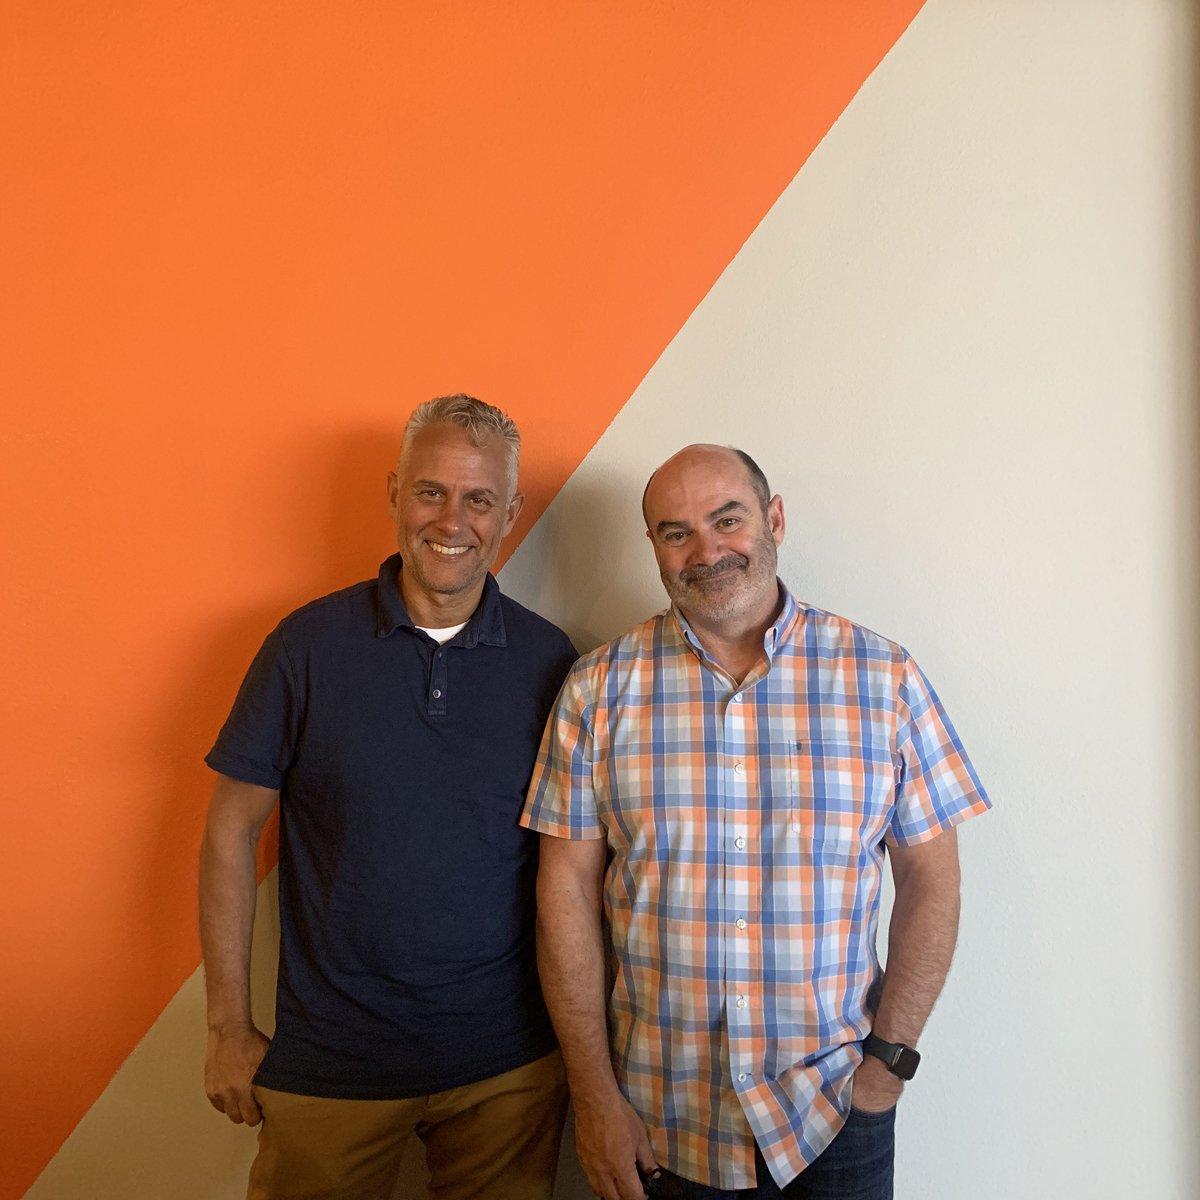 Co-creators of FireWorks